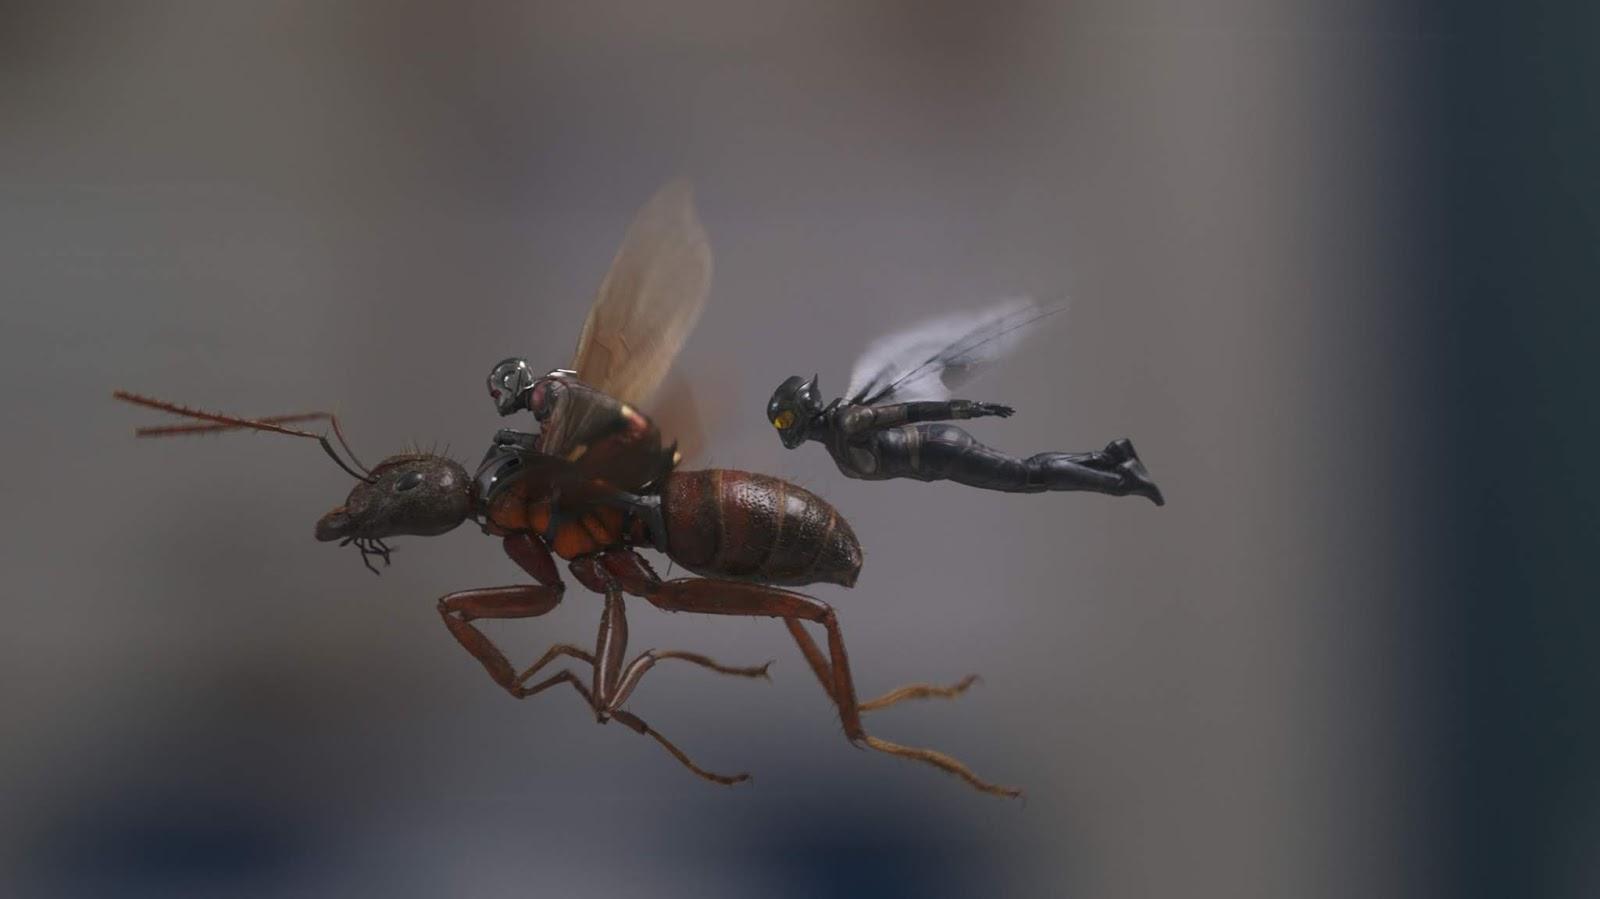 Как из мухи раздуть слона, знает Человек-муравей и Оса :) Марвел, много, которые, засветились, ВАУУУУ, ощущения, испытываю, давно, время, последнее, Муравьем, между, линия, любовная, Слабоватая, особо, фильмов, Мстителями, связанным, событиям